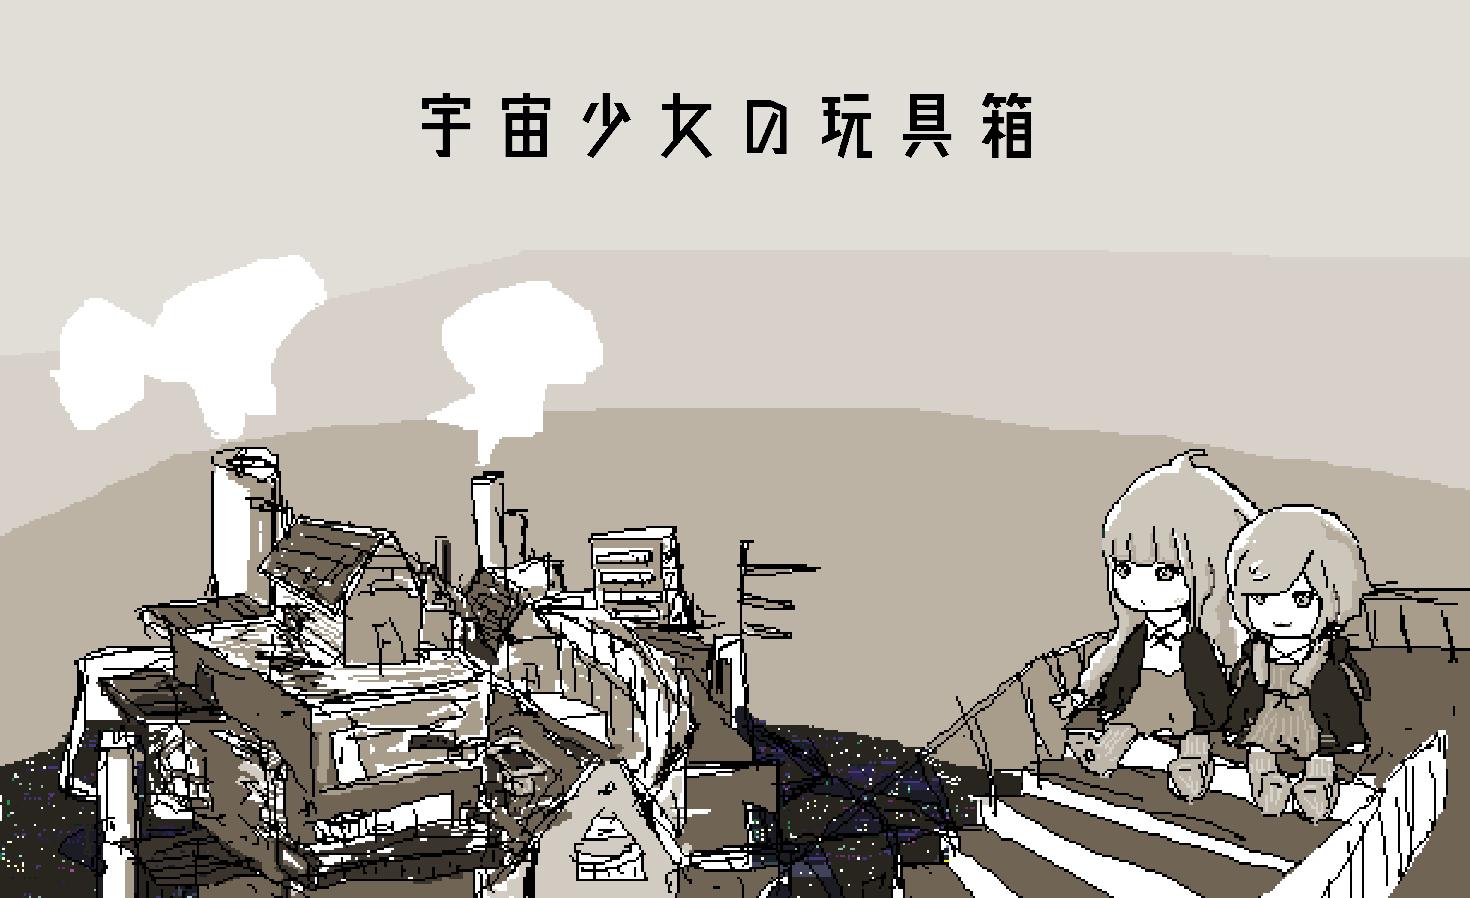 宇宙少女の玩具箱 (Uchuu Shoujo no Gangubako) (album)